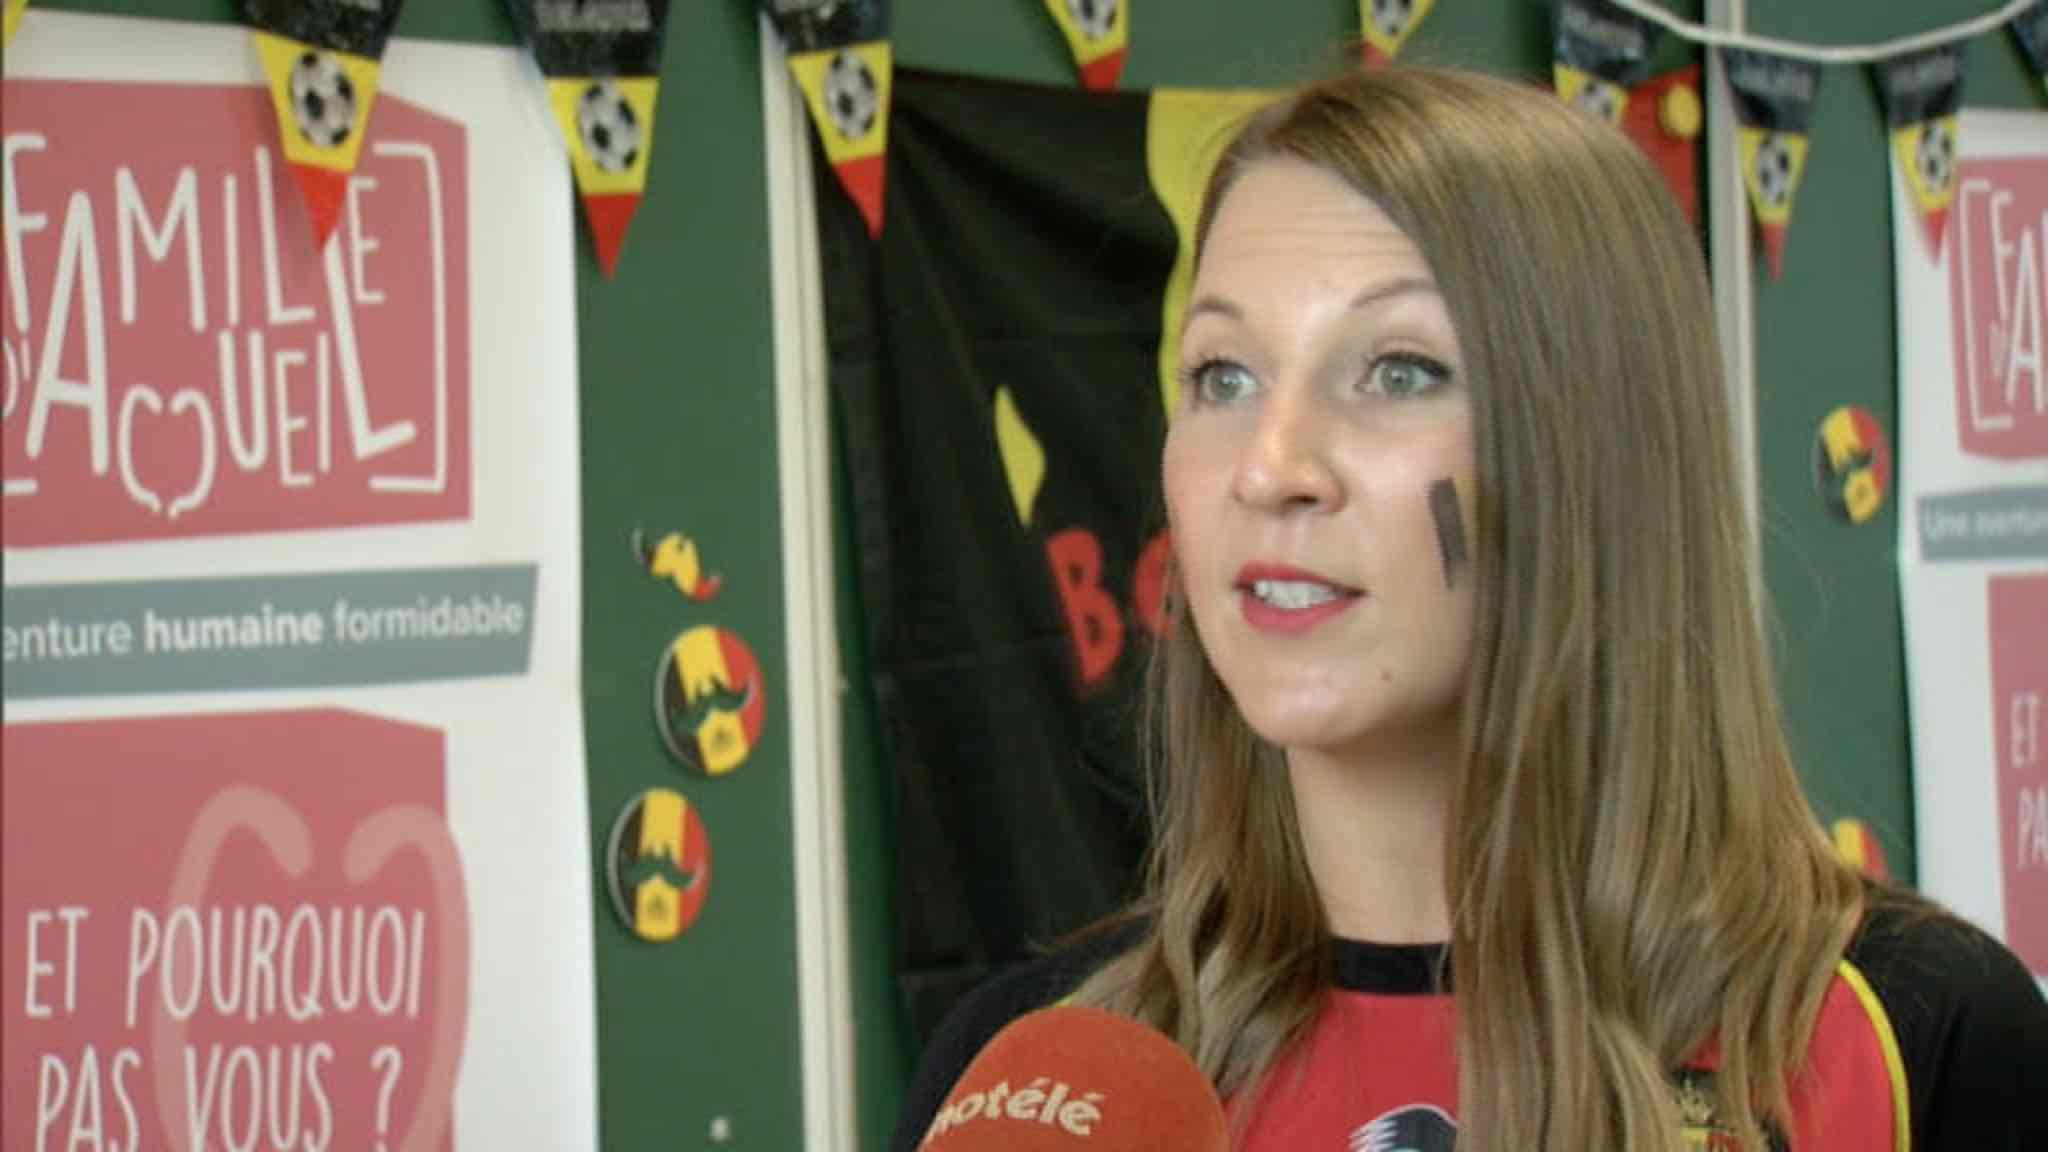 Ecoles endiablées: deux projets différents mais gagnants